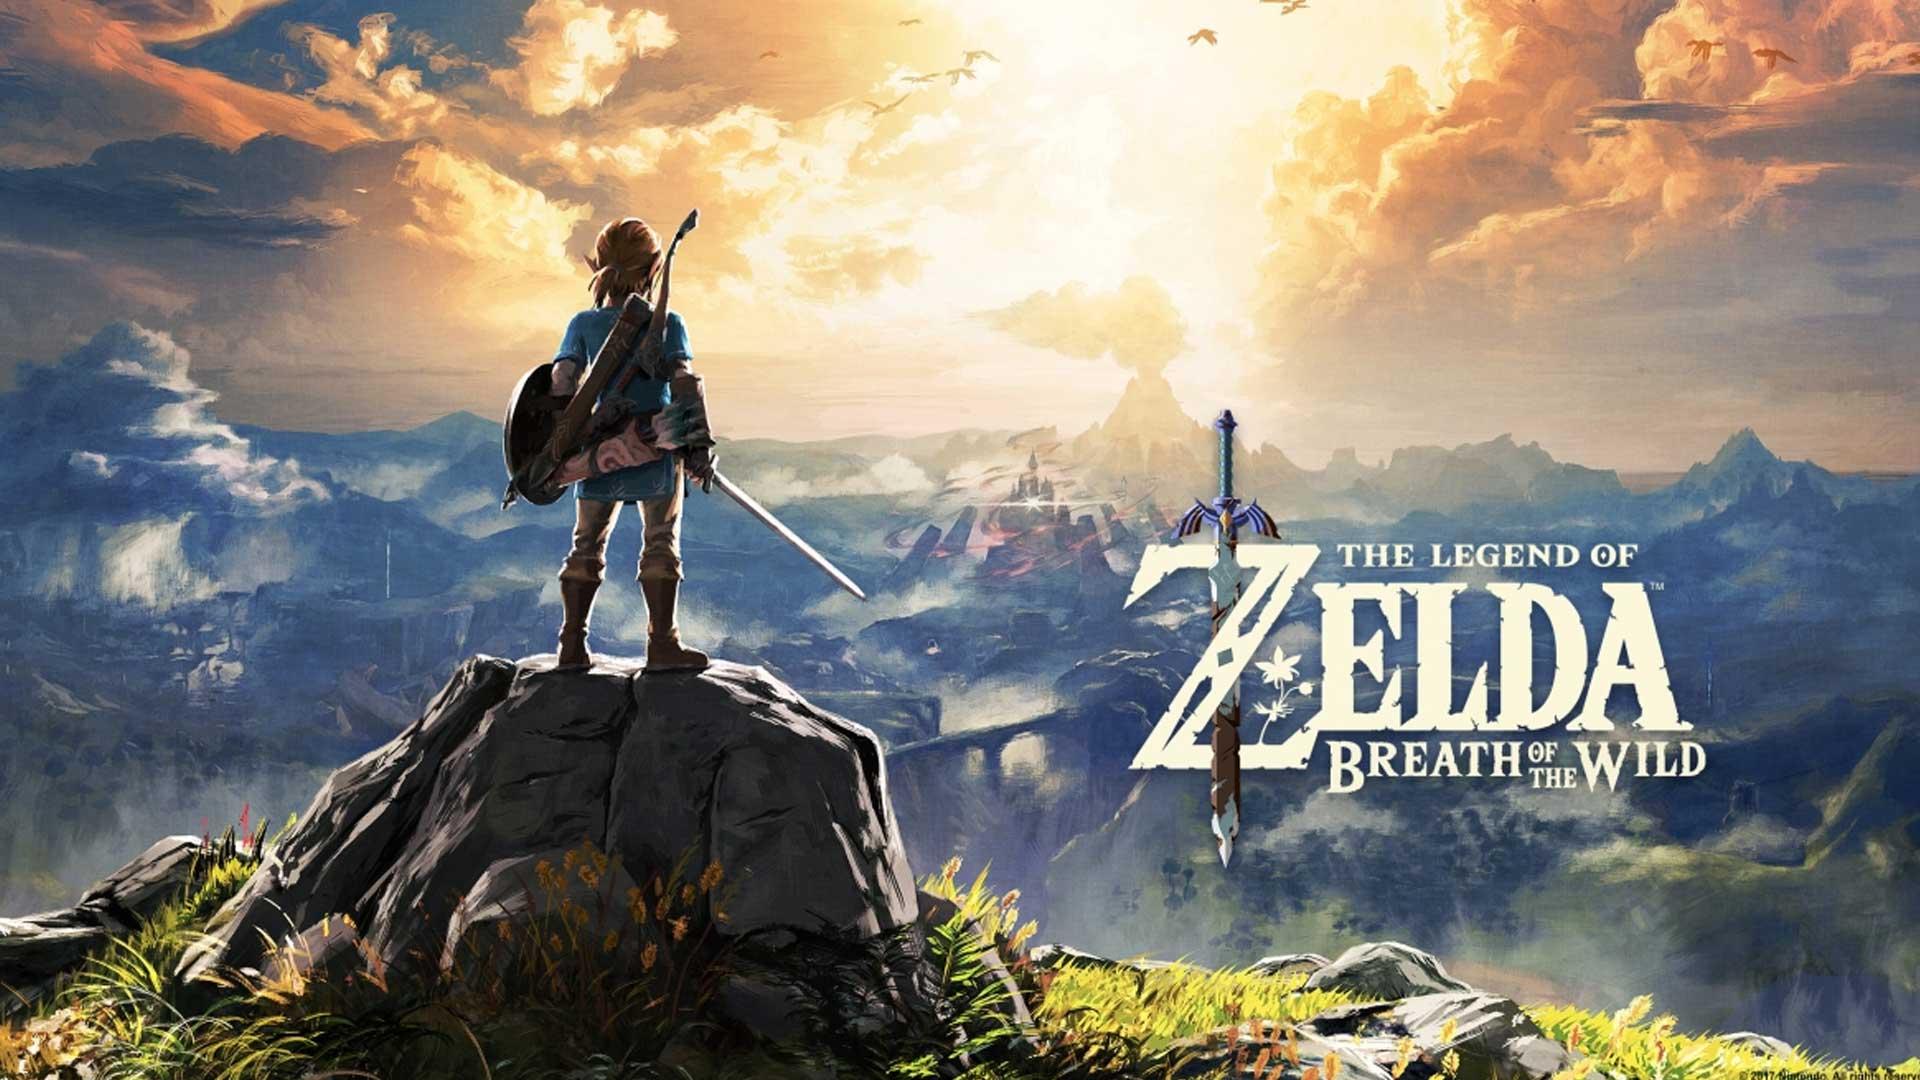 egend of Zelda: Дыхание дикой